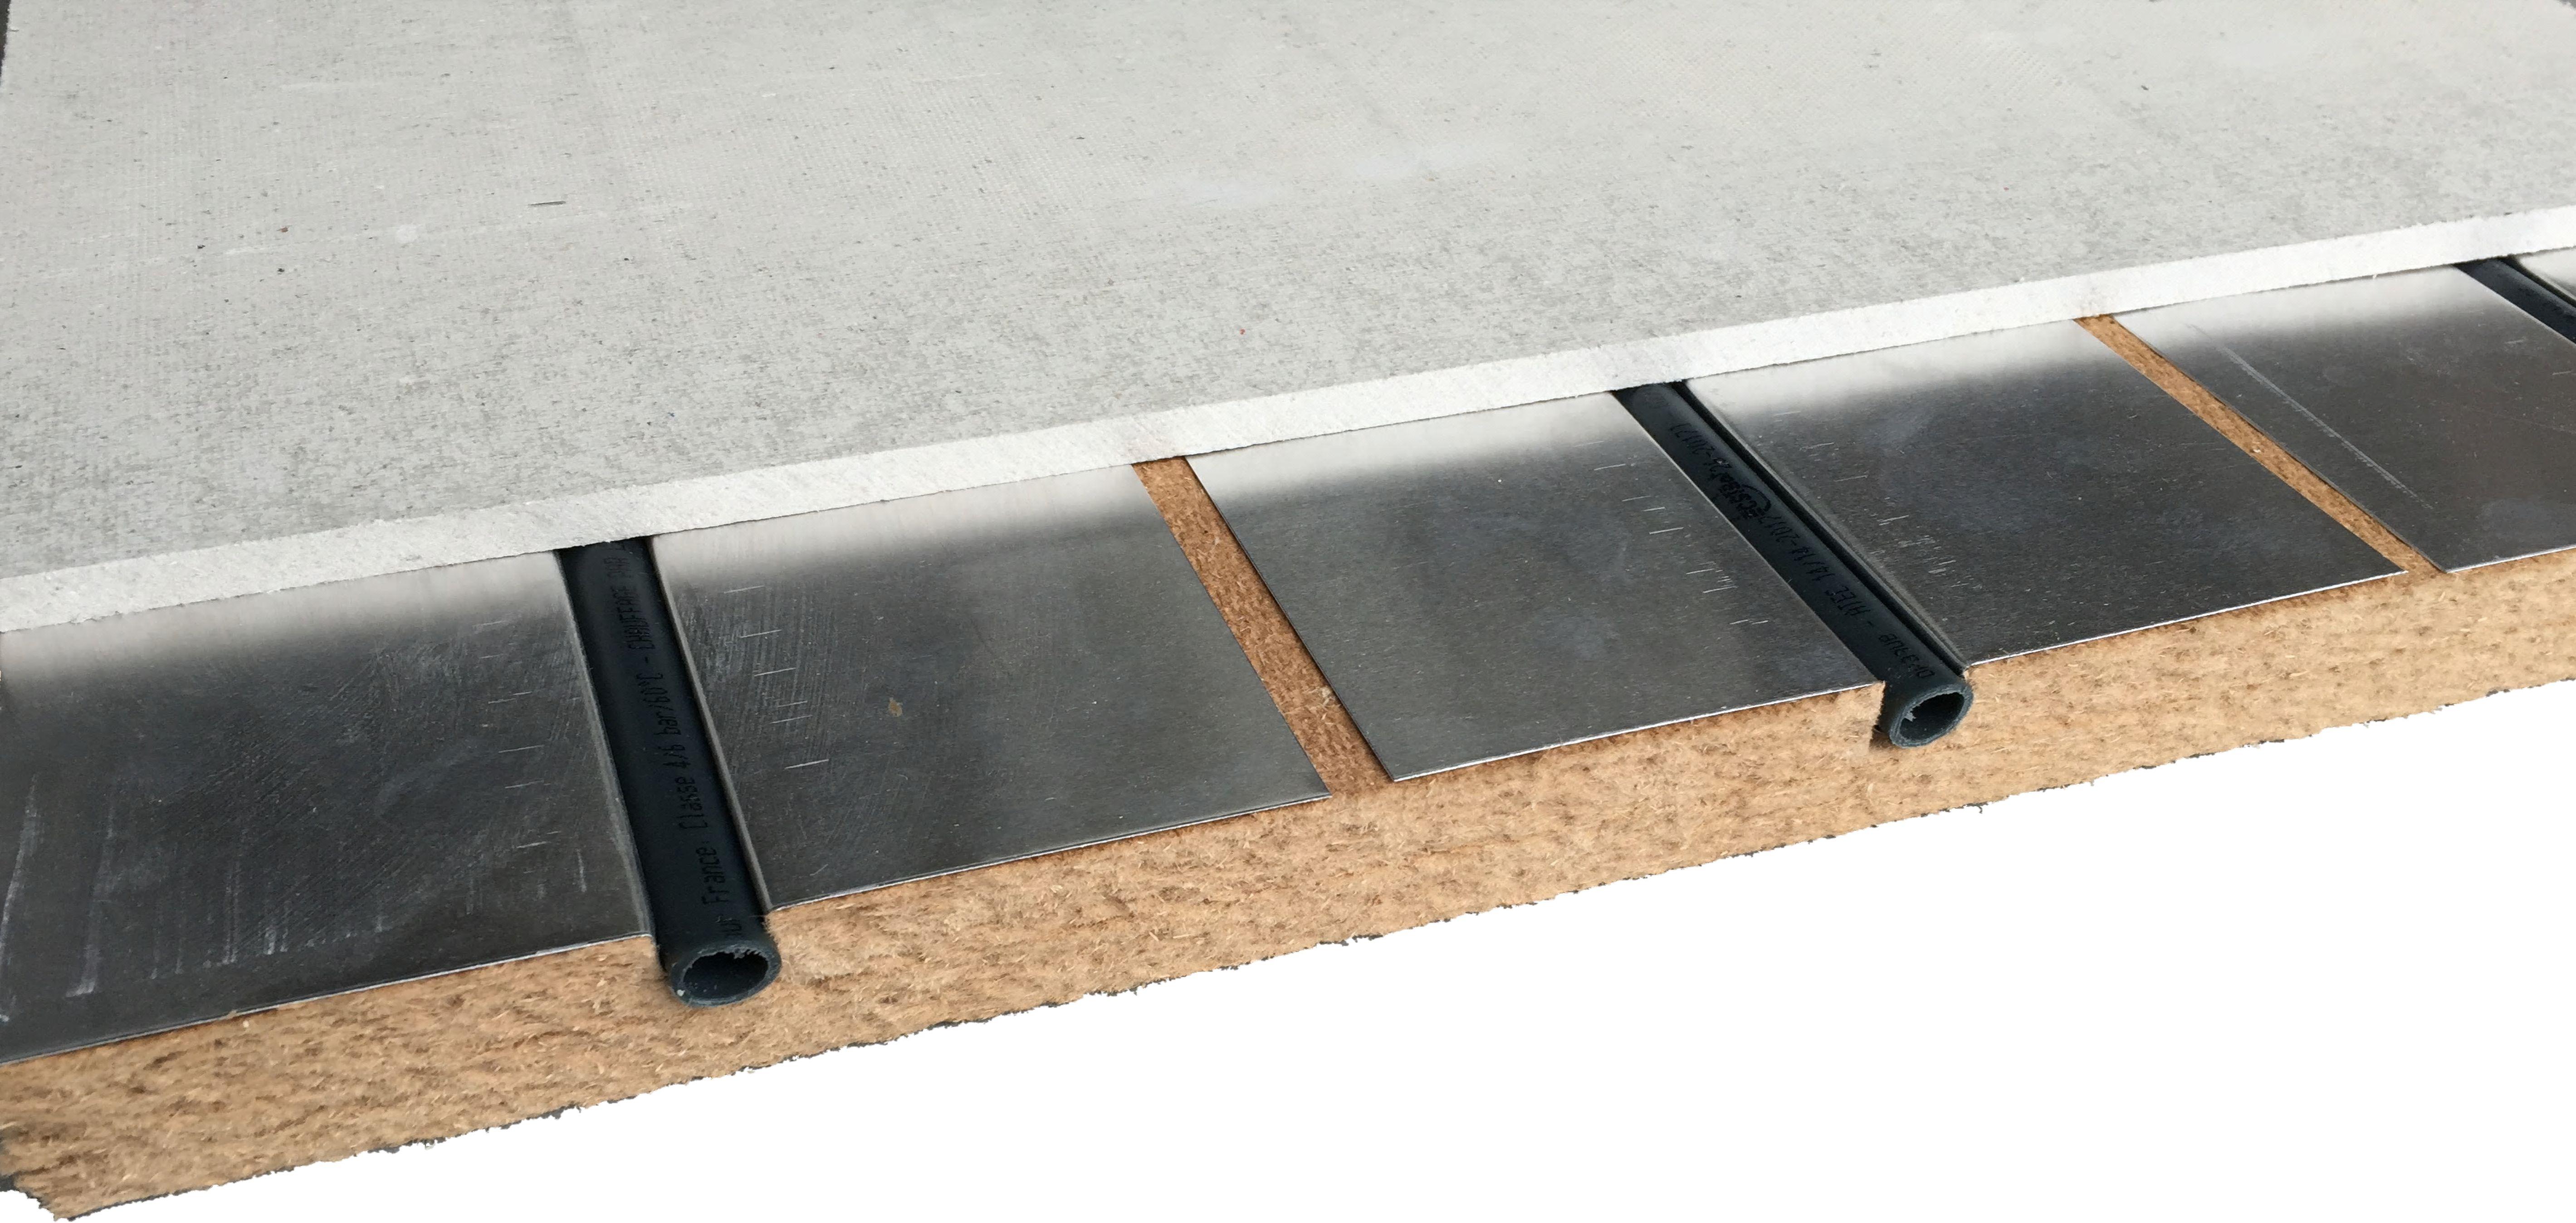 Plancher chauffant rafraîchissant pour boucle d'eau tempérée locale